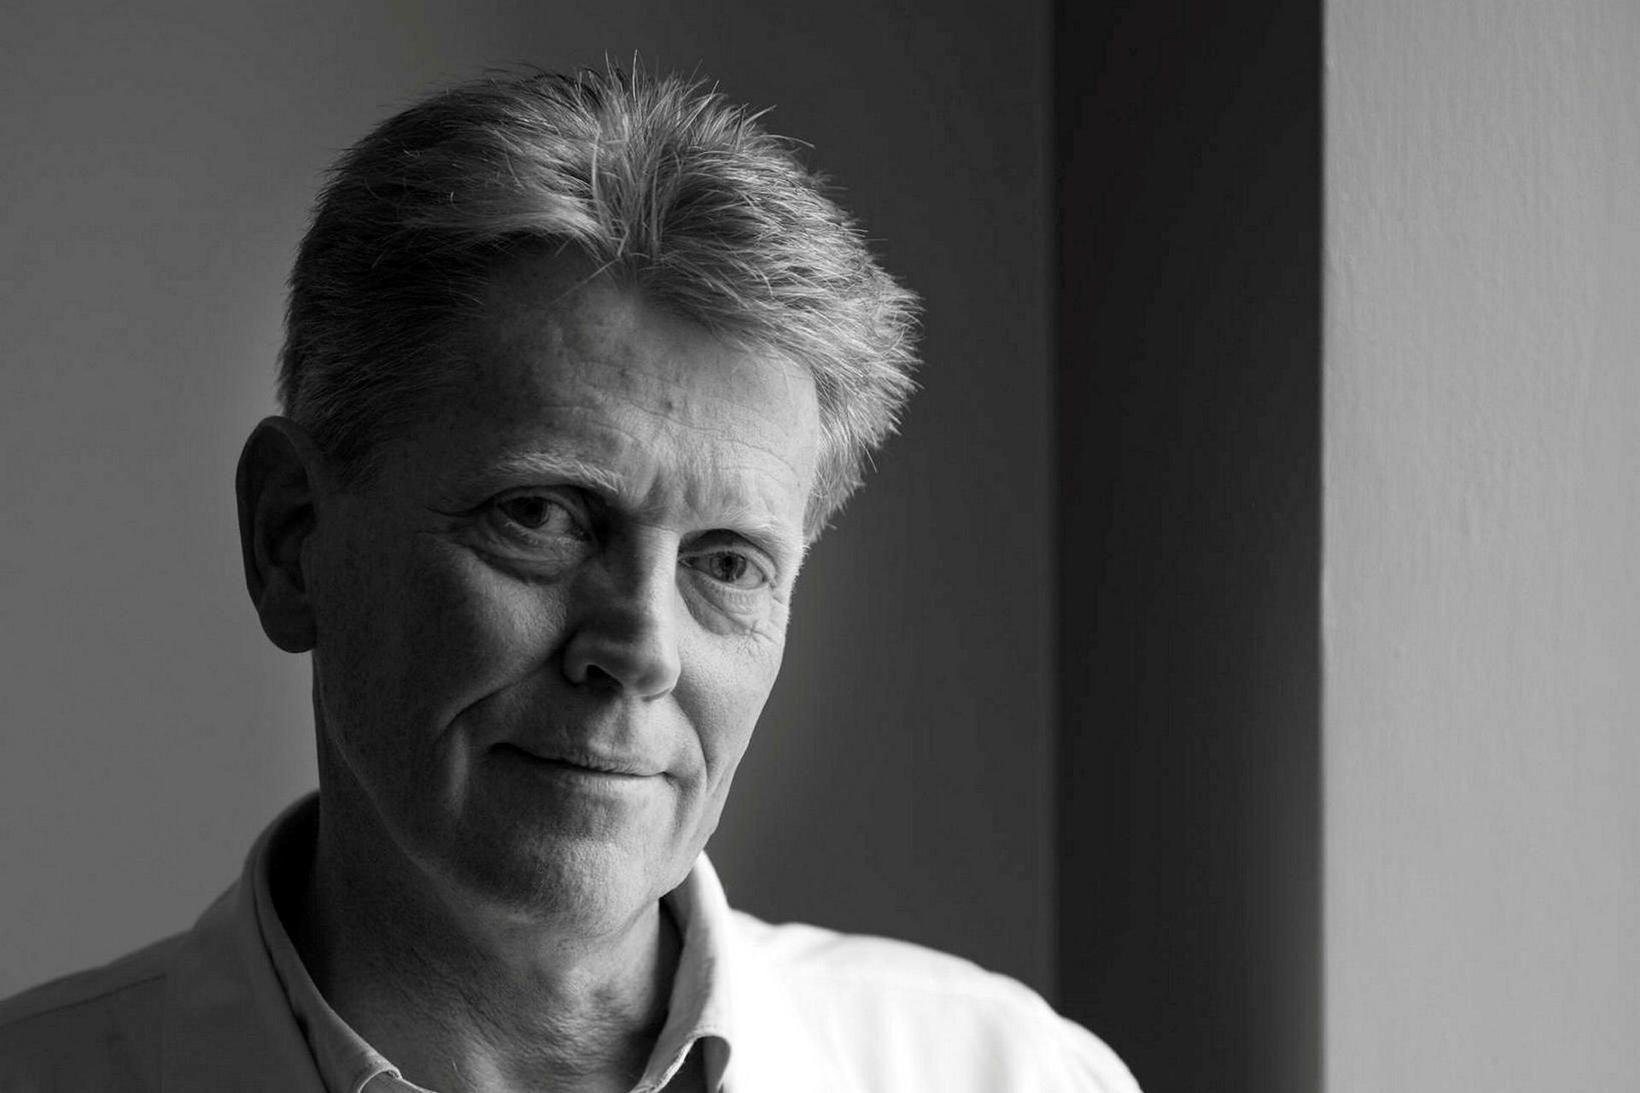 Már Kristjánsson, yfirlæknir smitsjúkdómadeildar Landspítala.